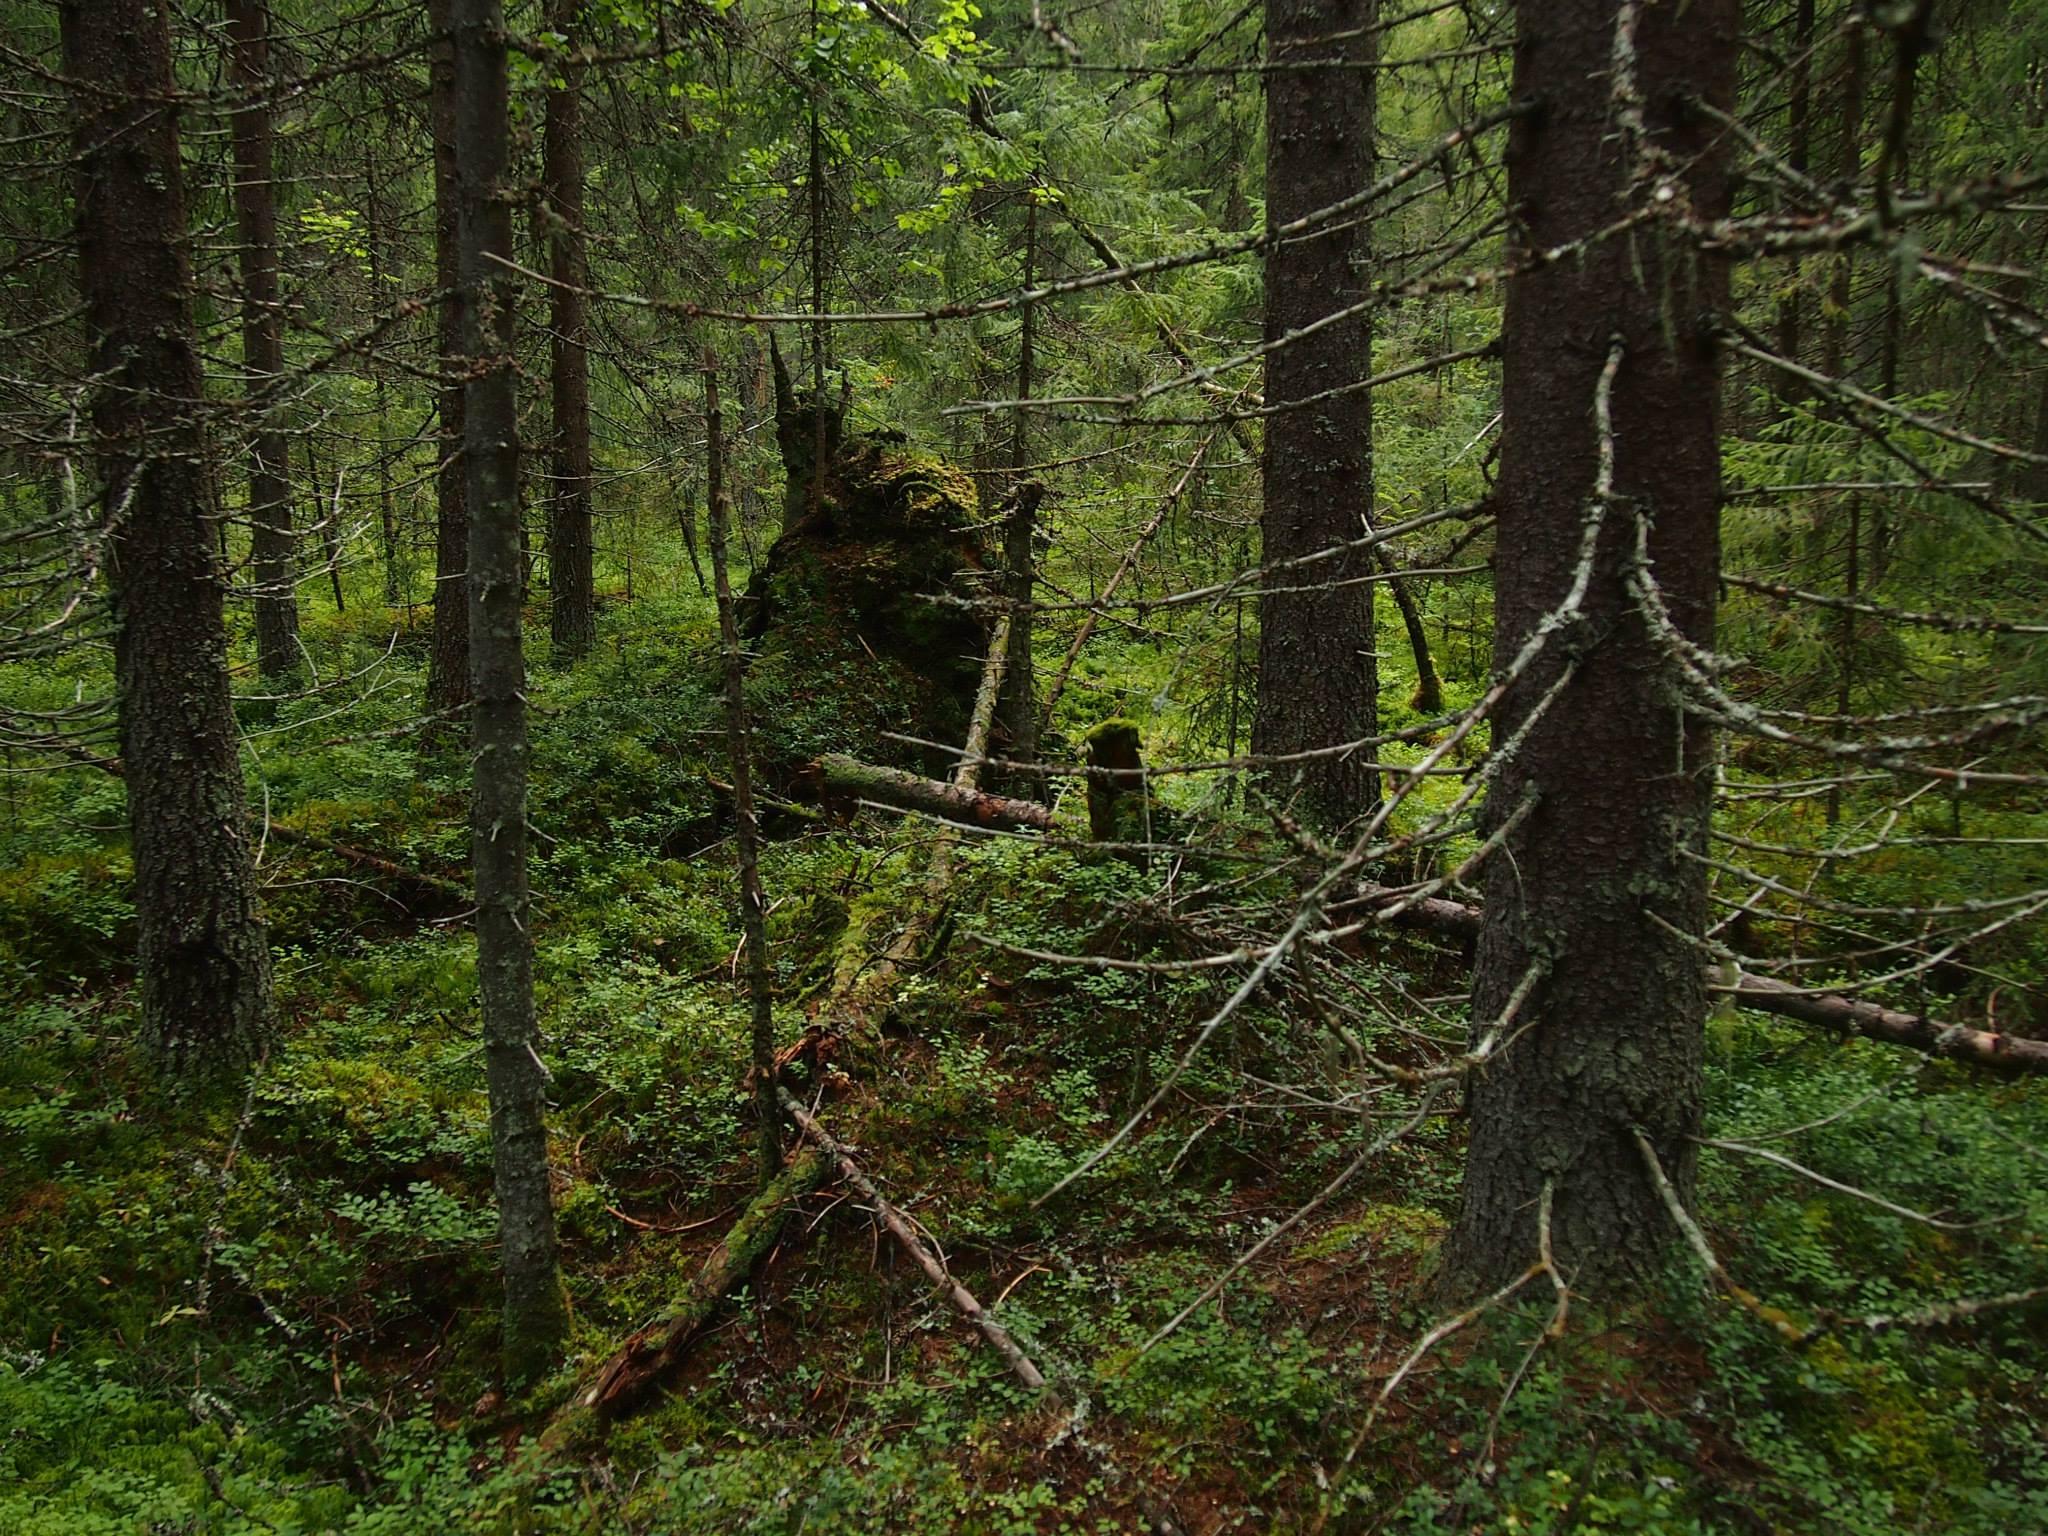 """""""Кареллеспром"""" арендует более миллиона кубометров леса в Пудожском районе Карелии. Фото: Валерий Поташов"""